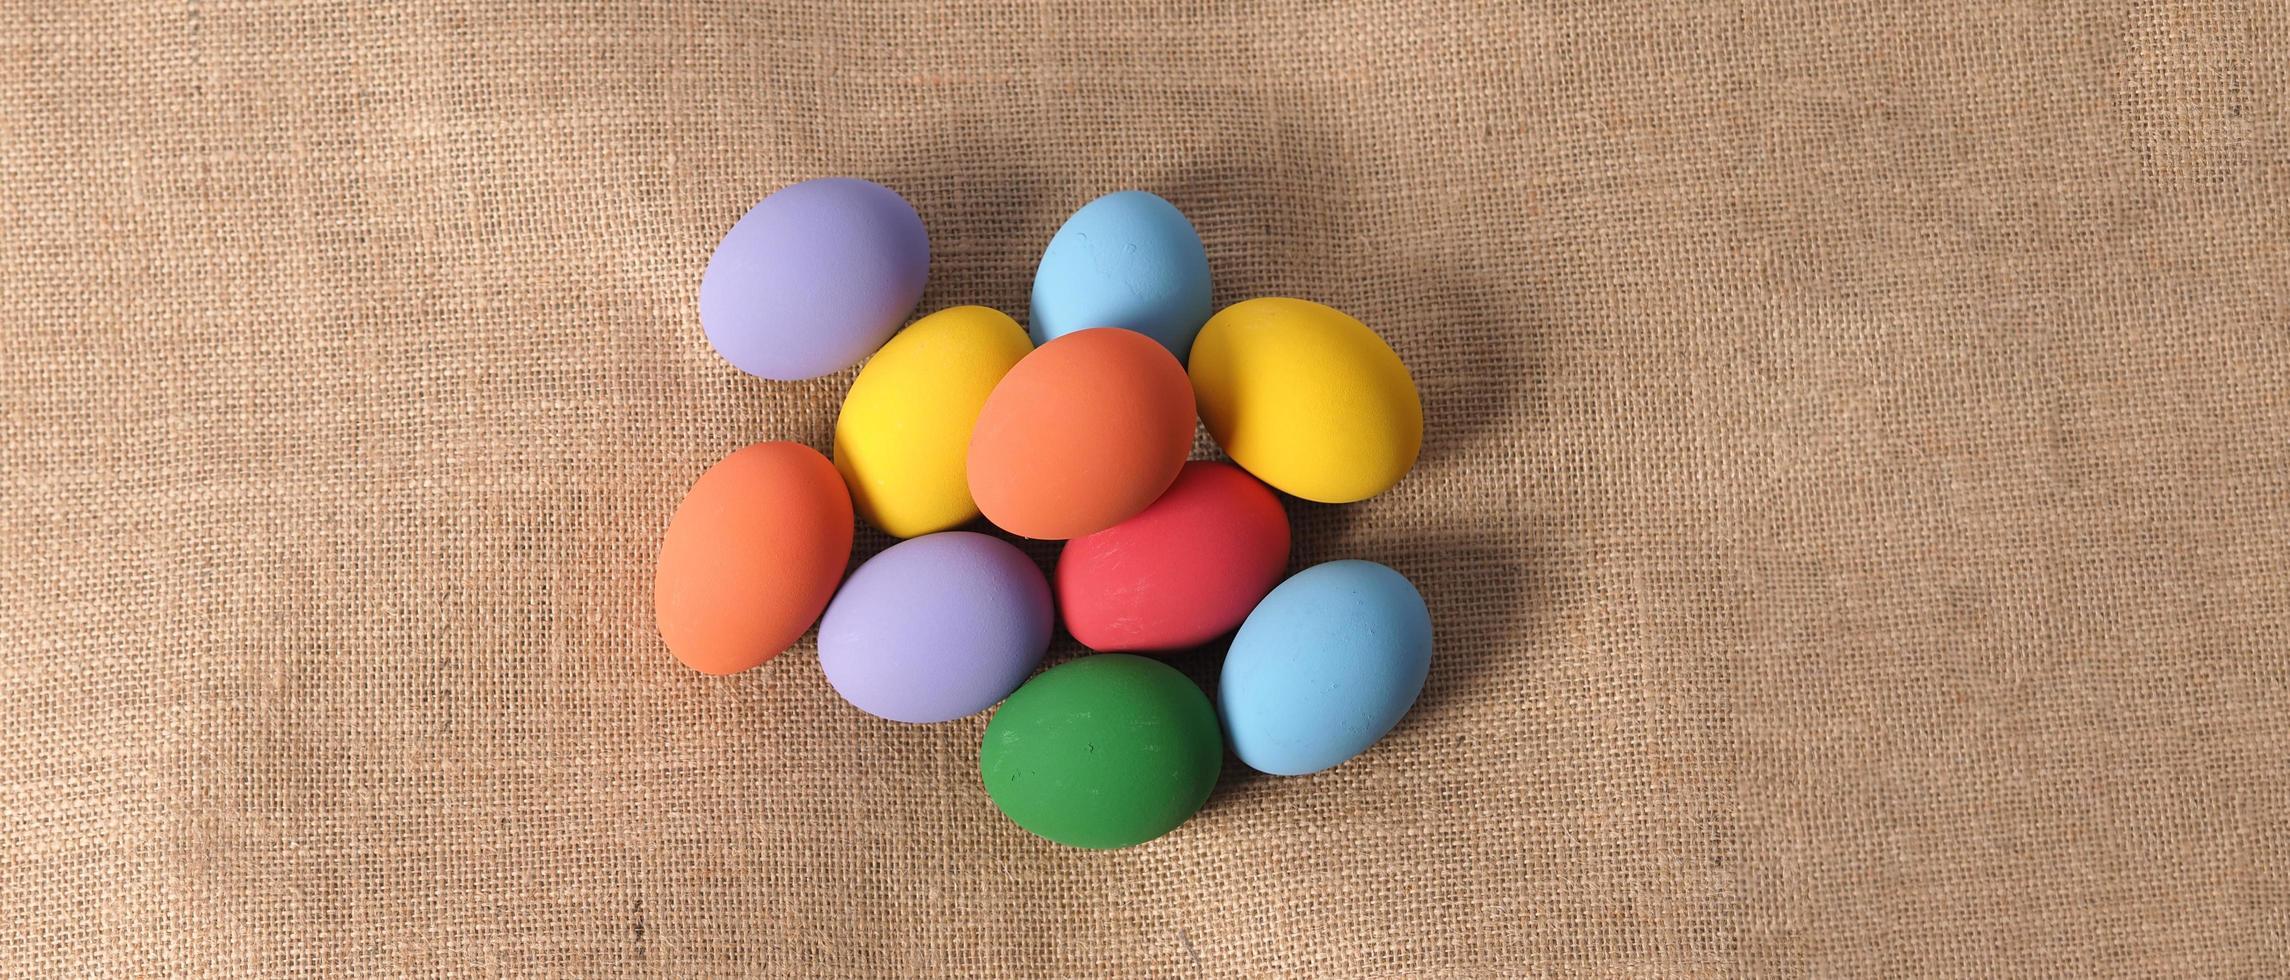 uova di Pasqua o uova colorate. multicolori di uova di pasqua foto